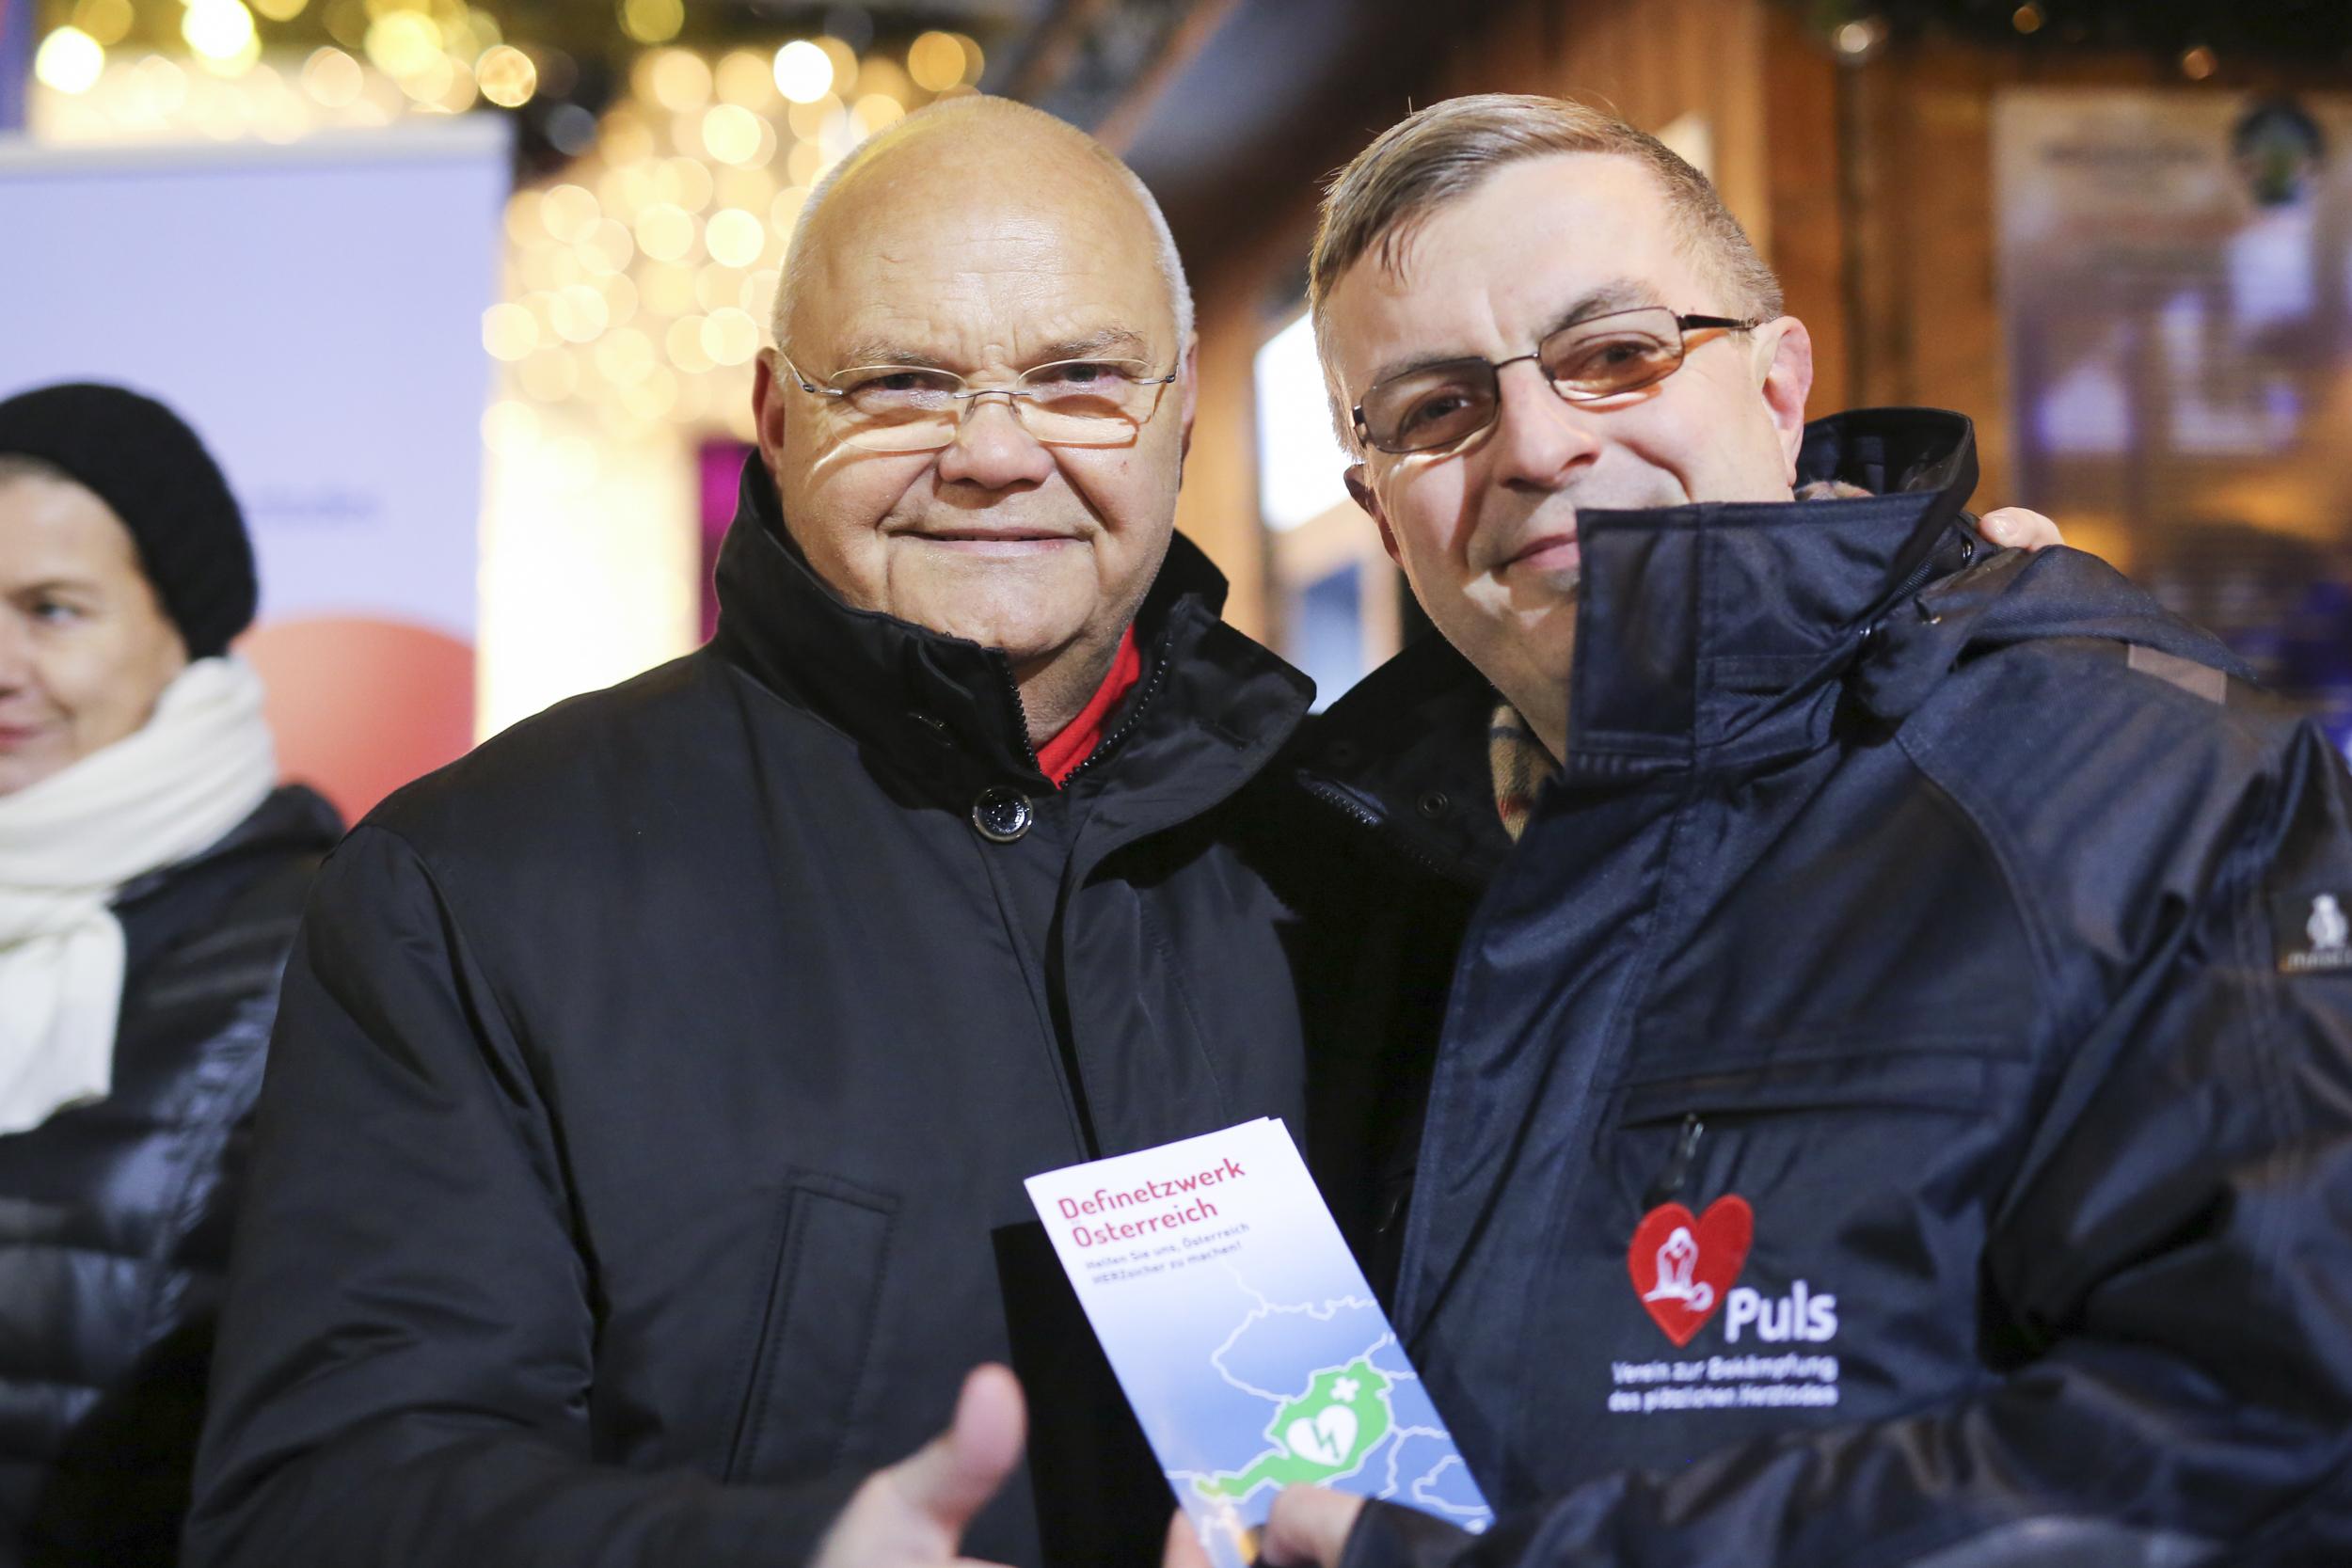 Die Charity-Aktion gegen Herztod am Wiener Christkindlmarkt 2016